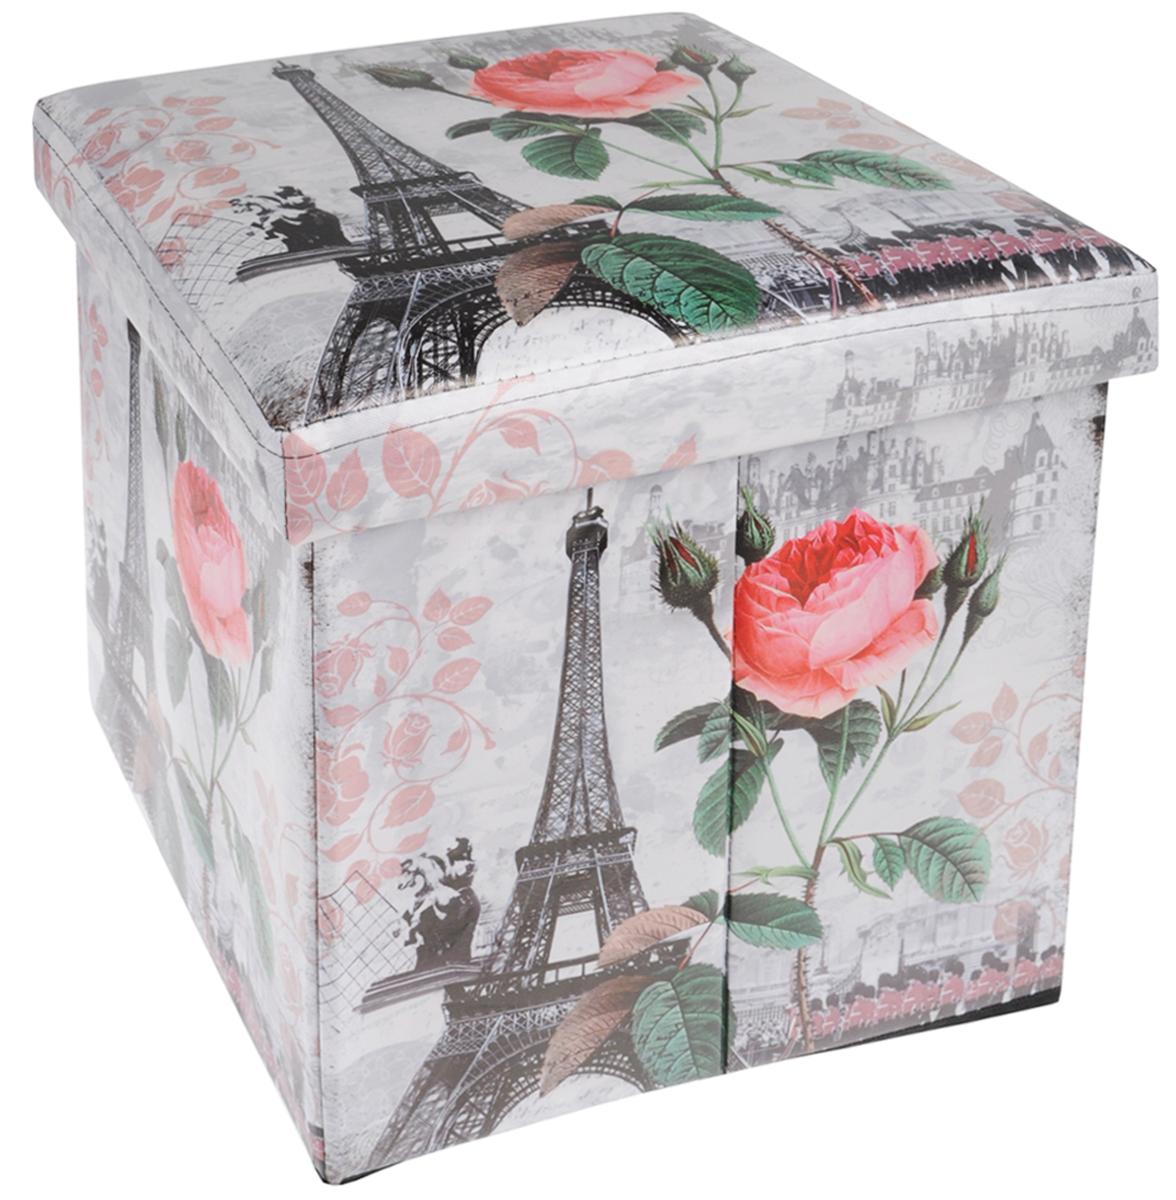 Кофр для хранения El Casa Париж - Метро, 41 х 36 х 26 см171142Кофр для хранения El Casa Париж - Метро - компактное и красивое решение для хранения вещей дома или на даче. Кофр имеет жесткий каркас из МДФ, выполнен из экокожи с изображением Эйфелевой башни. Снабжен крышкой, которая закрывается на липучку. Две ручки по бокам - для комфортной переноски. В таком кофре можно хранить всевозможные предметы: книги, игрушки, рукоделие. Яркий запоминающий дизайн кофра привнесет в ваш интерьер неповторимый шарм.